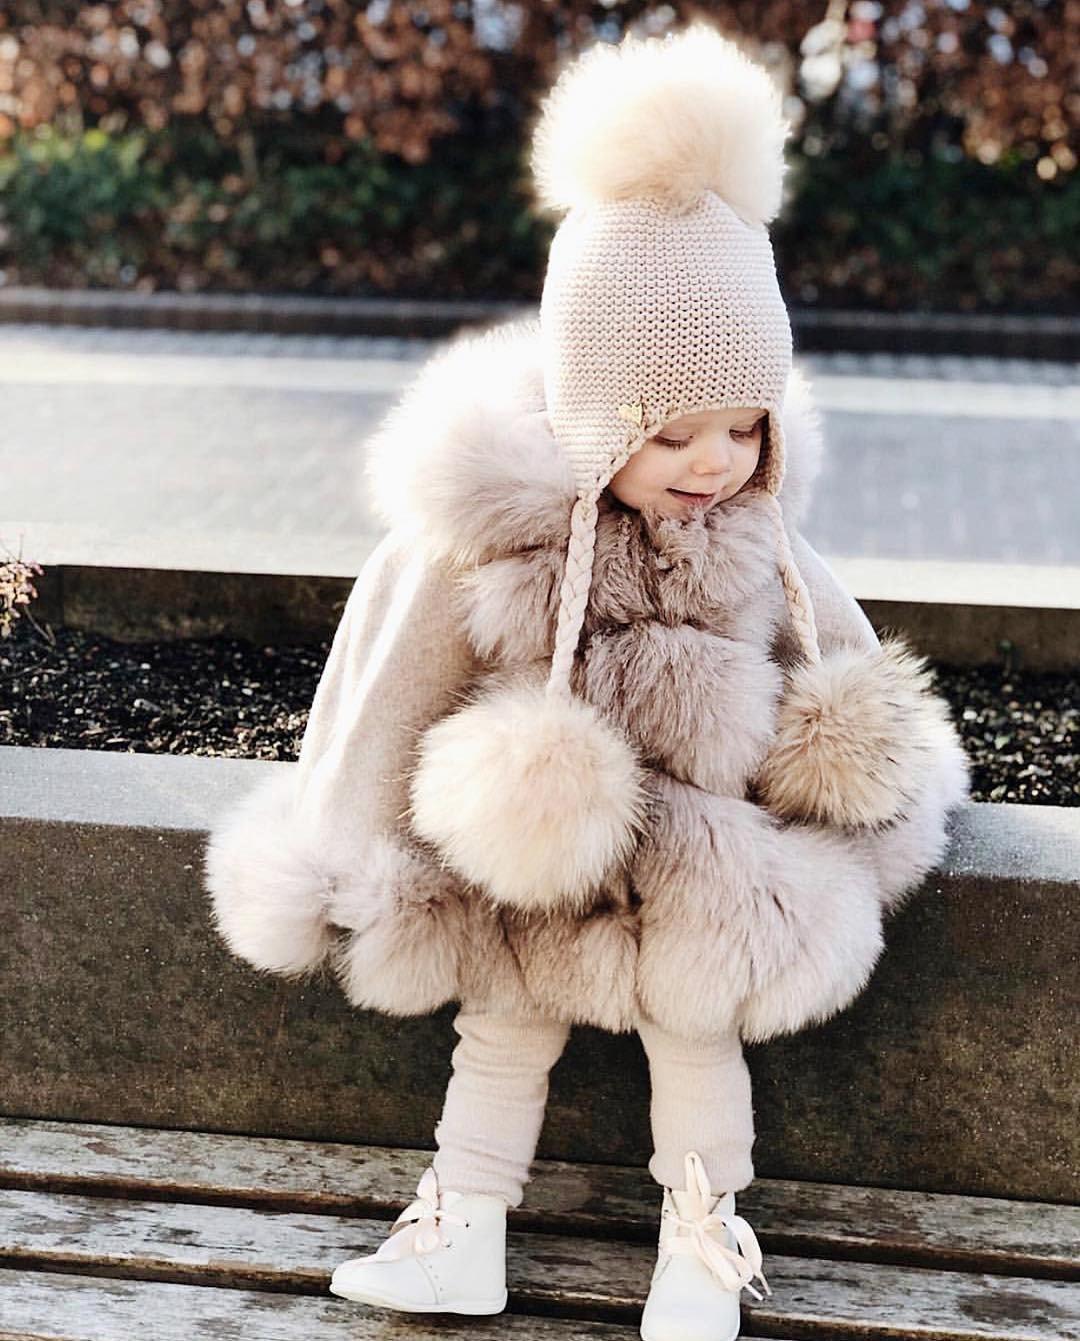 Infant Baby Girl Princess пальто моды шерсти зимы теплый плащ с капюшоном куртки Дети пончо Одежда Дети Девочки Верхняя одежда Cute